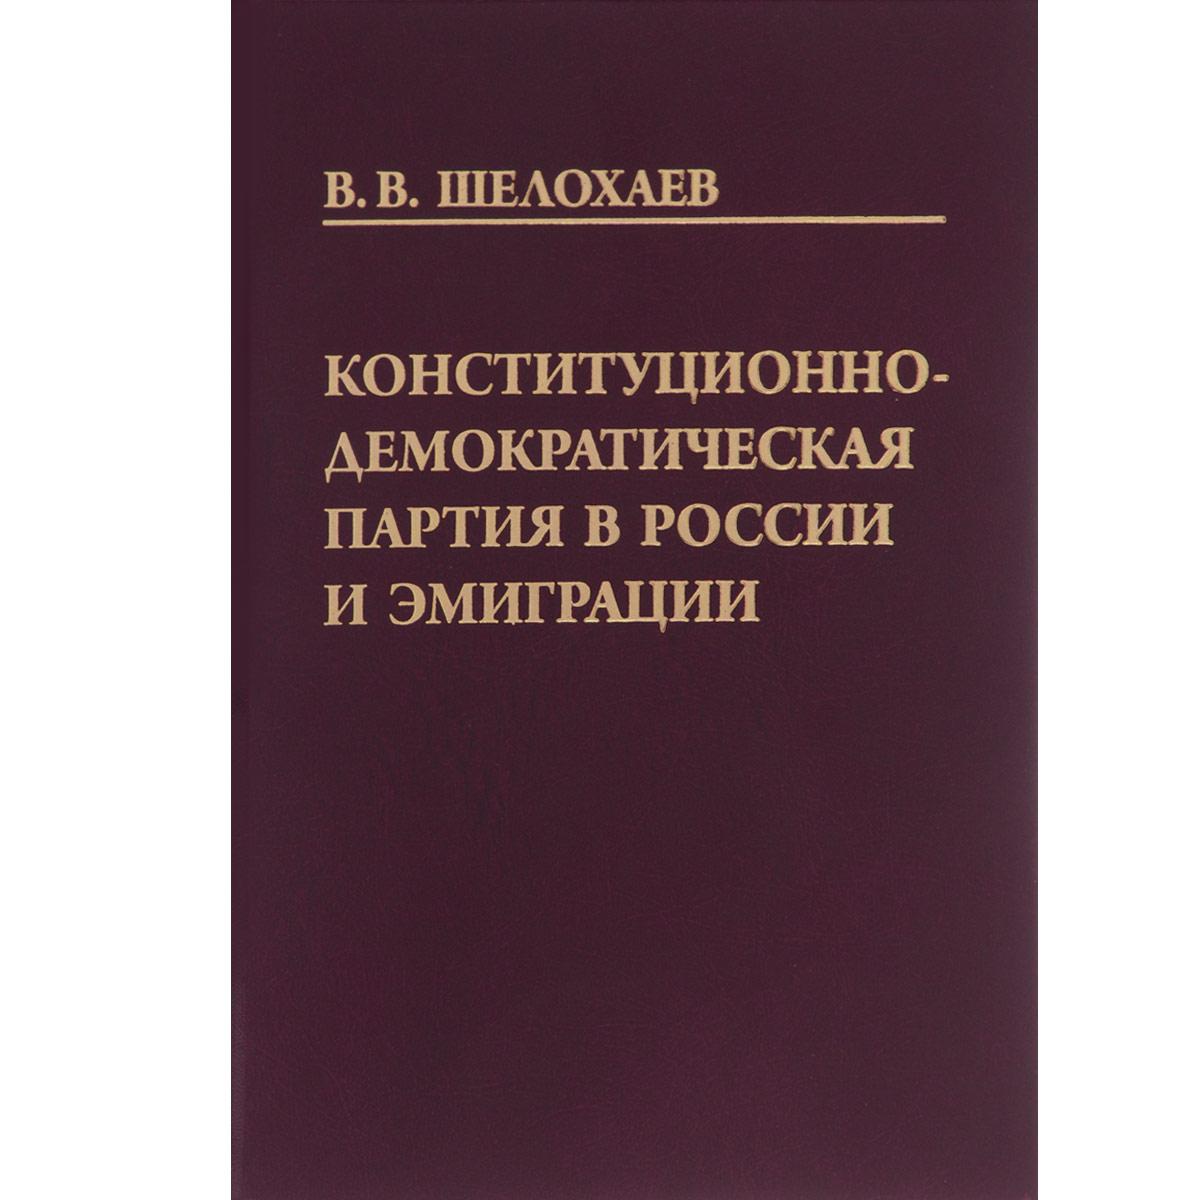 Конституционно-демократическая партия в России и эмиграции, В. В. Шелохаев